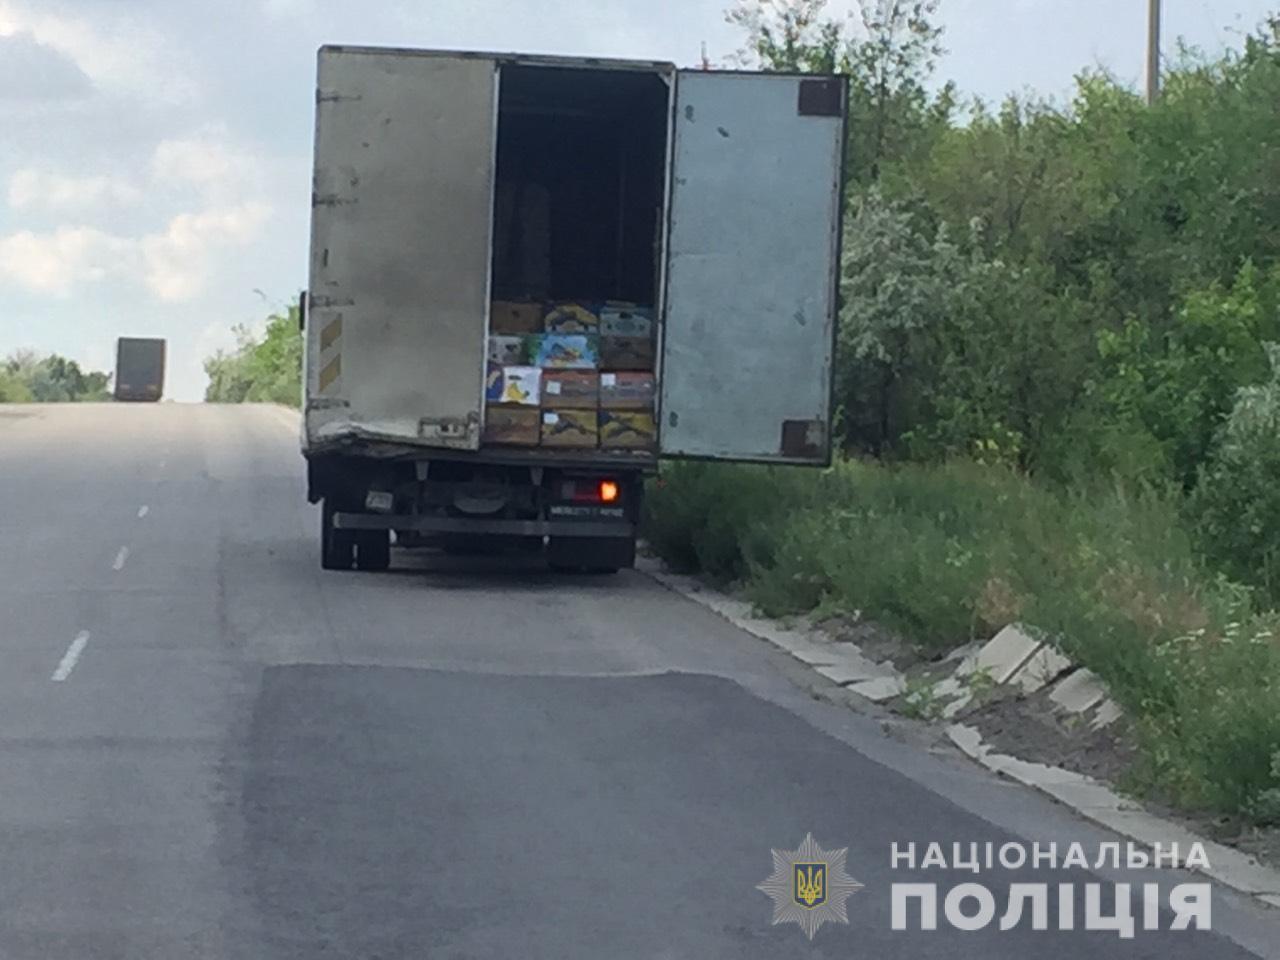 Під Миколаєвом у ДТП з вантажівкою постраждала дитина